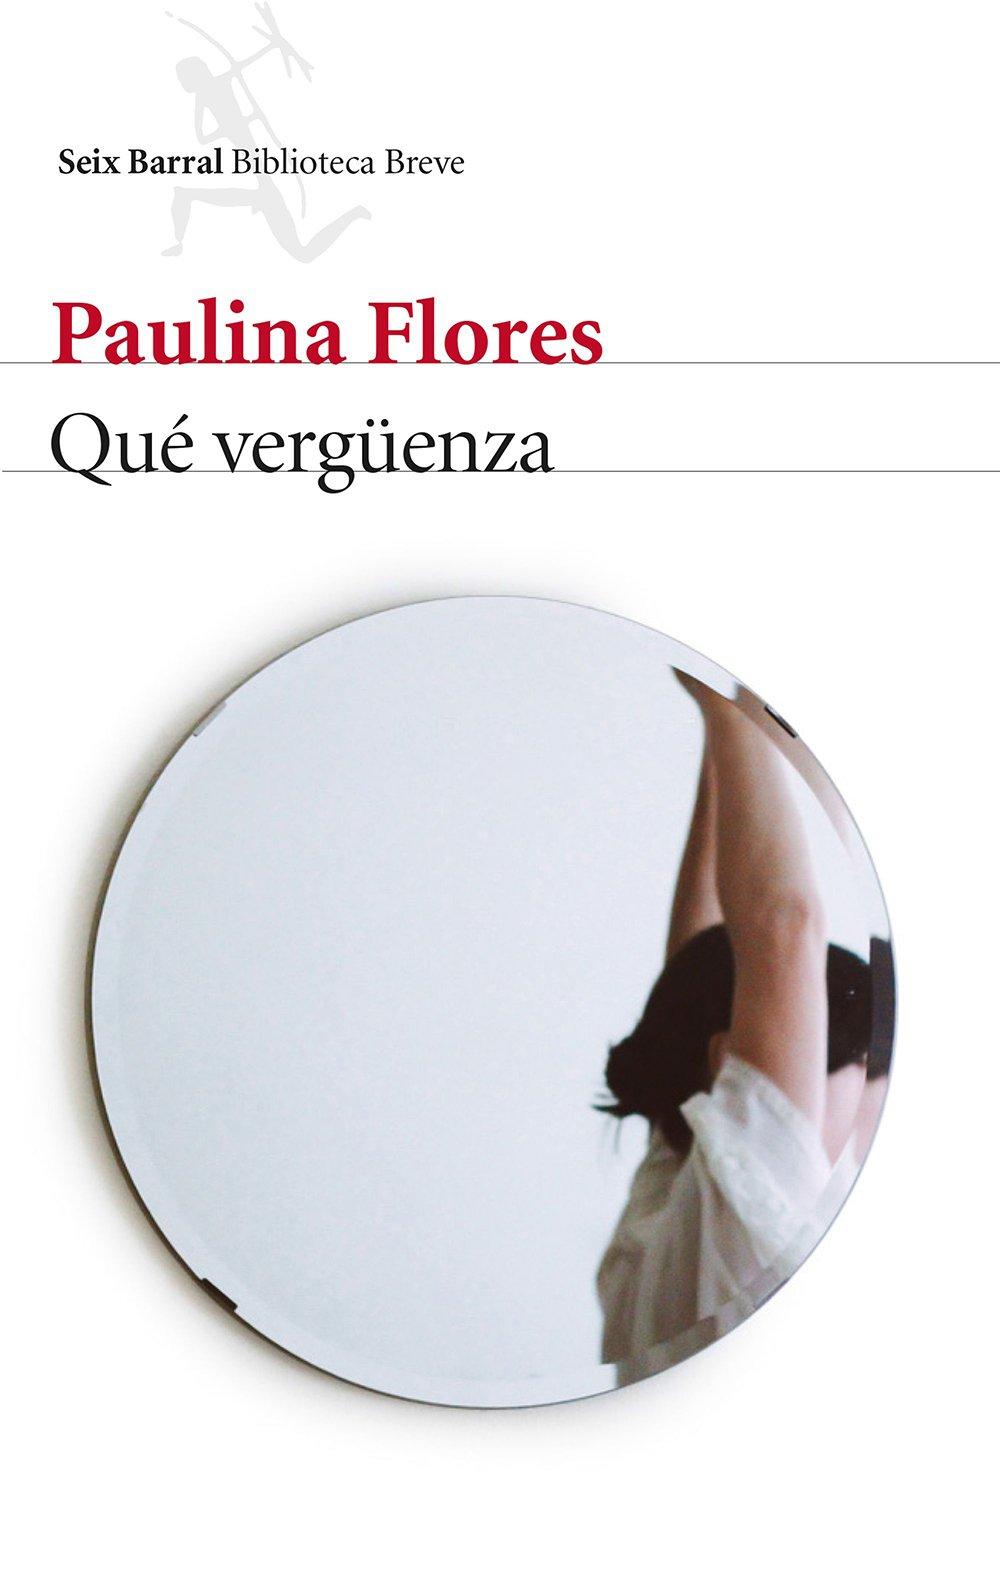 Portada de Qué vergüenza de Paulina Flores